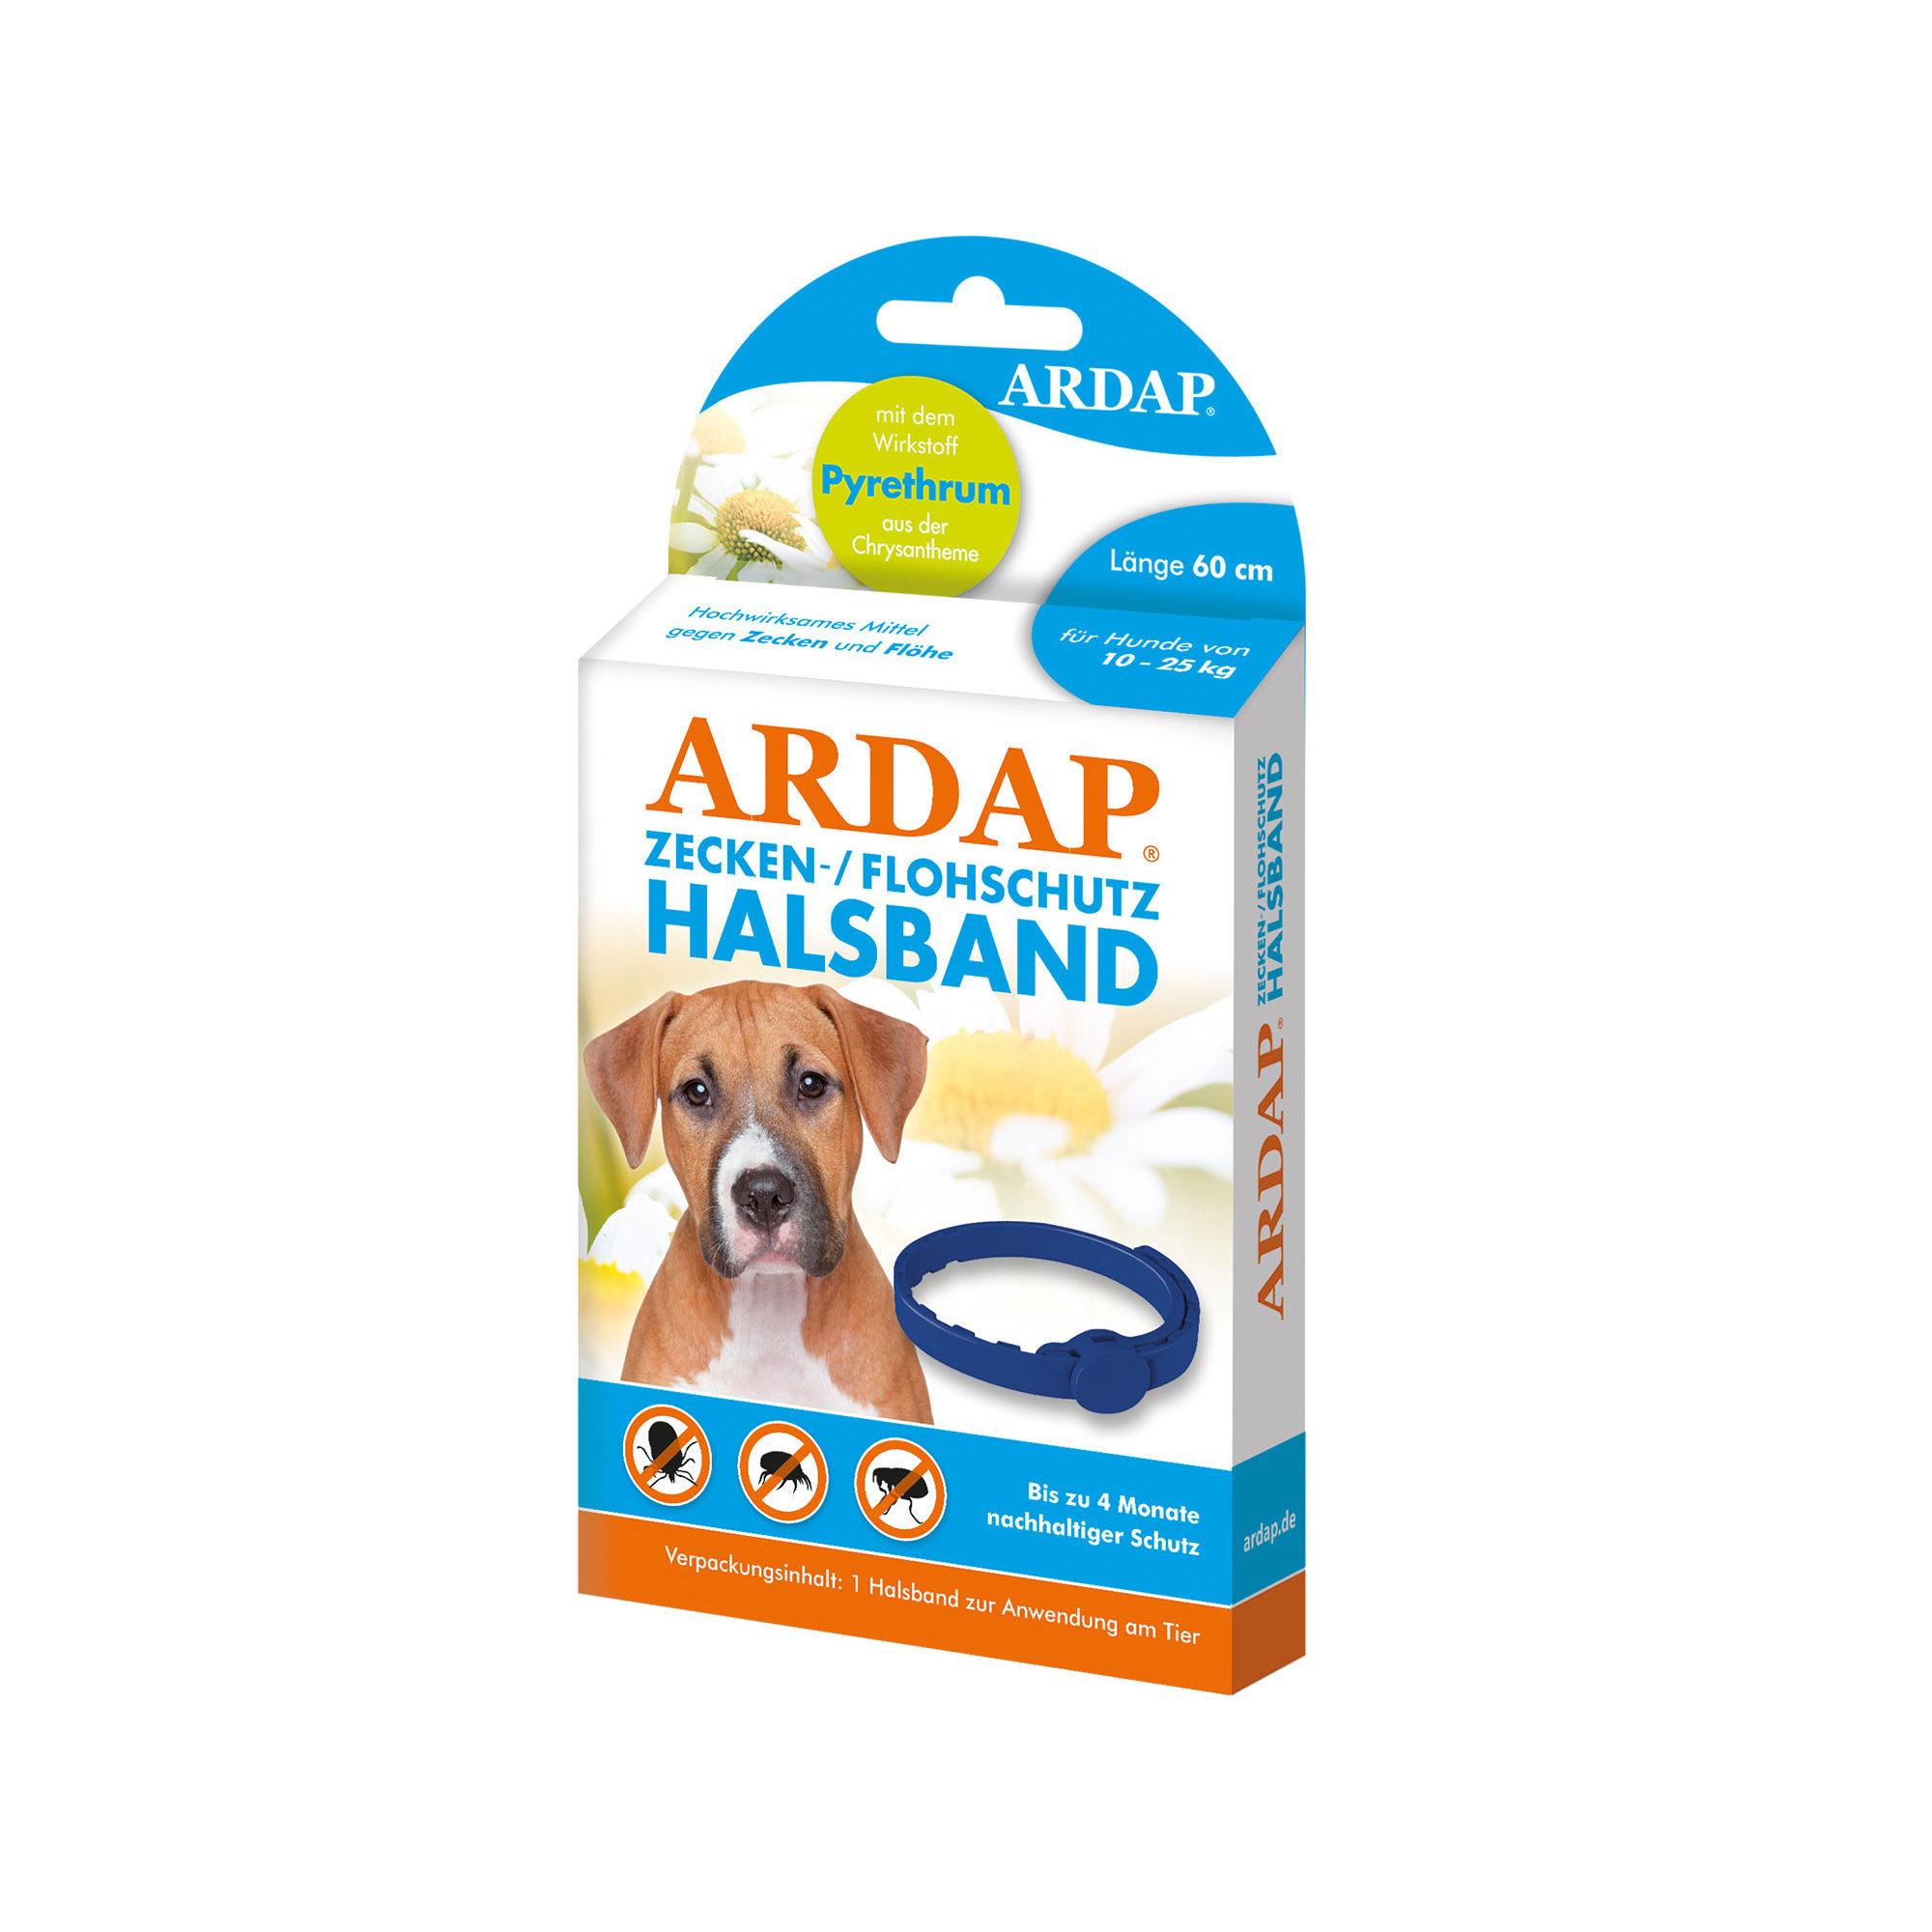 Ardap Zecken- & Flohhalsband für Hunde 10 - 25 Kg